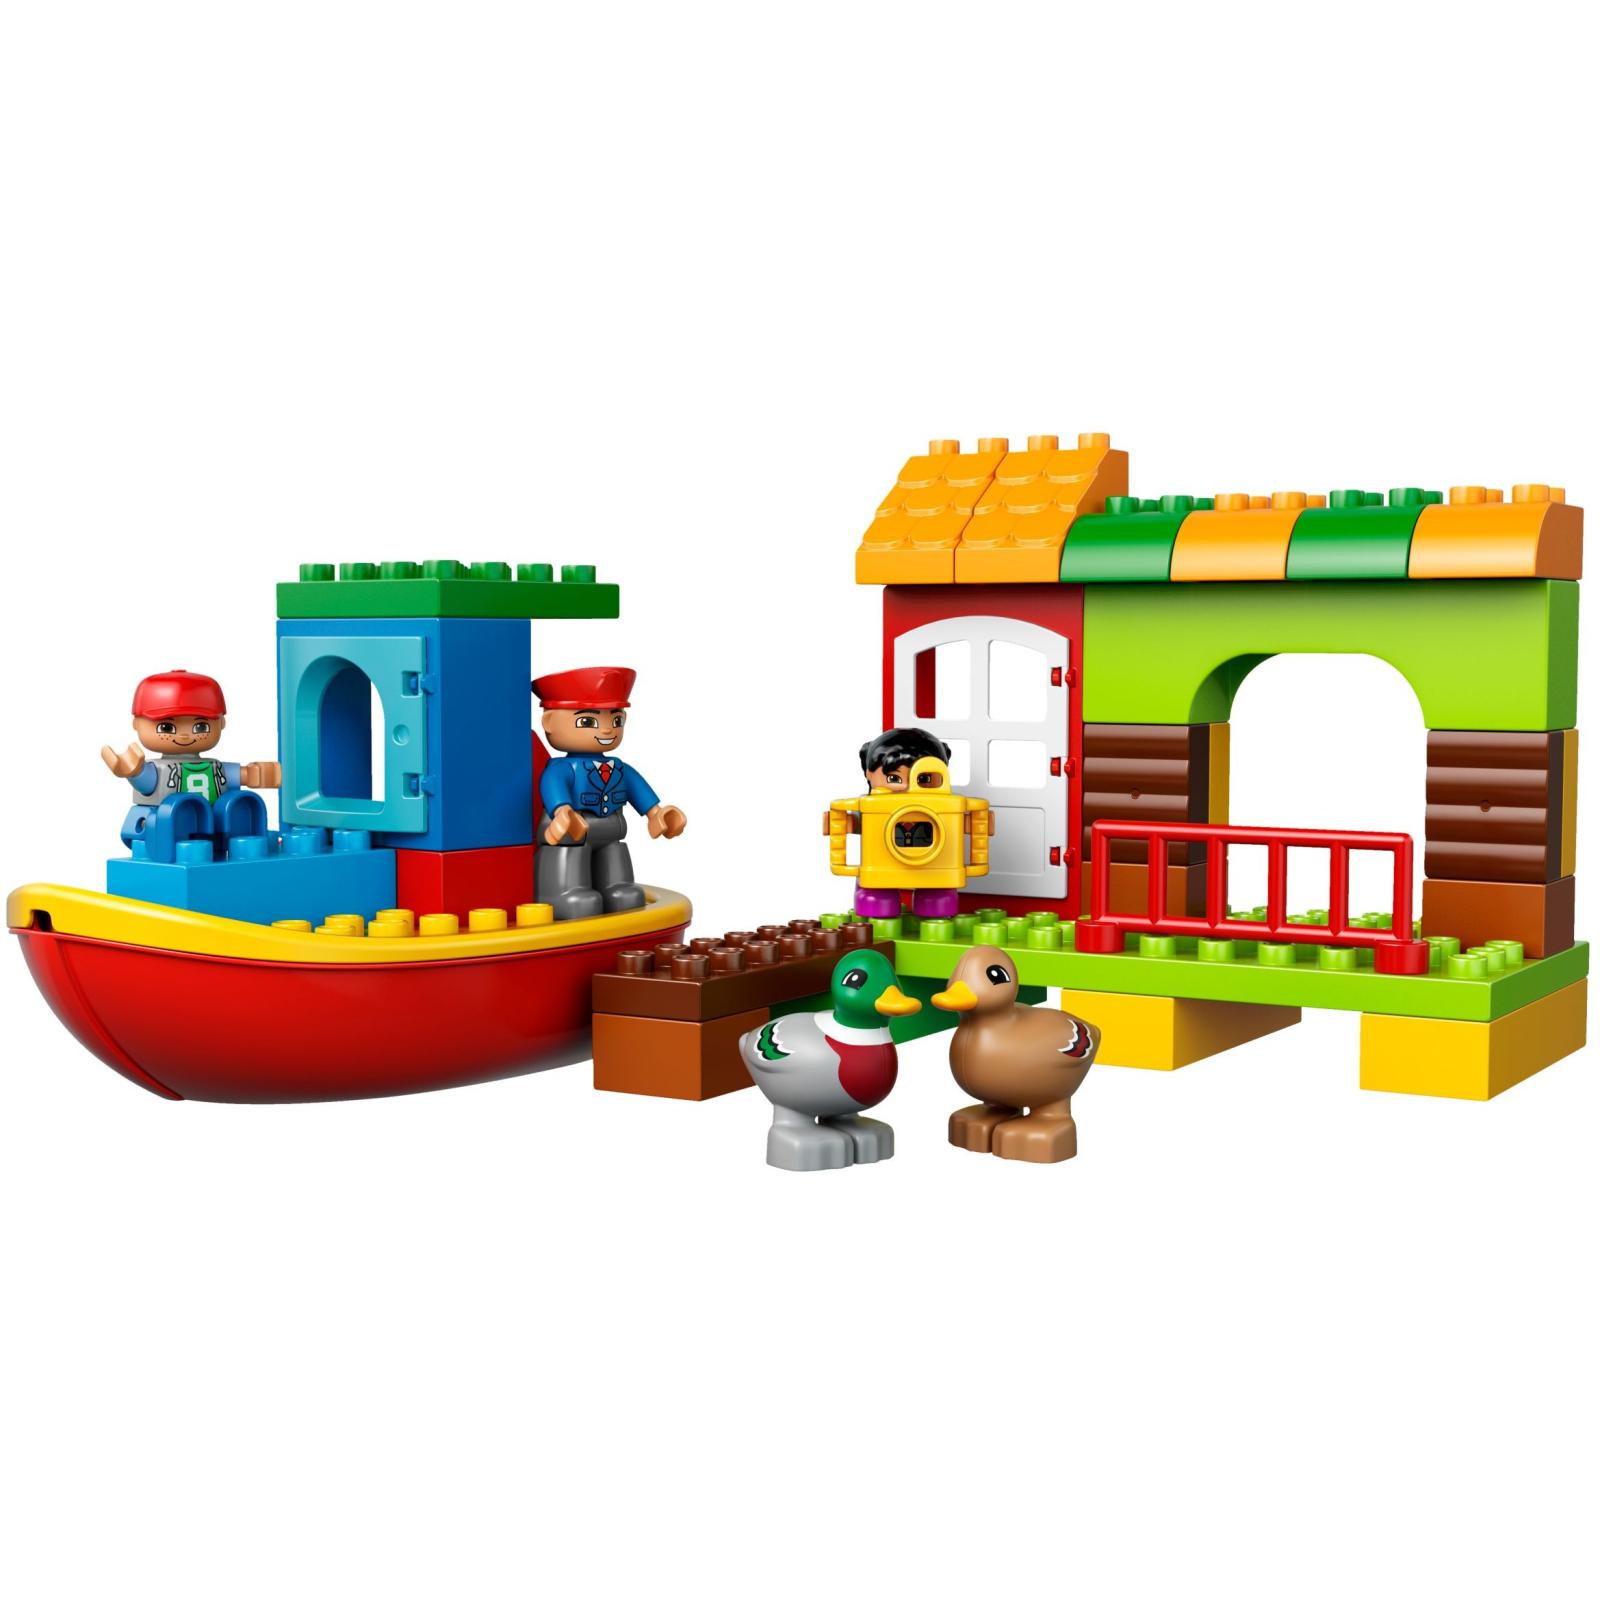 Конструктор LEGO Duplo Town Вокруг света (10805) изображение 4